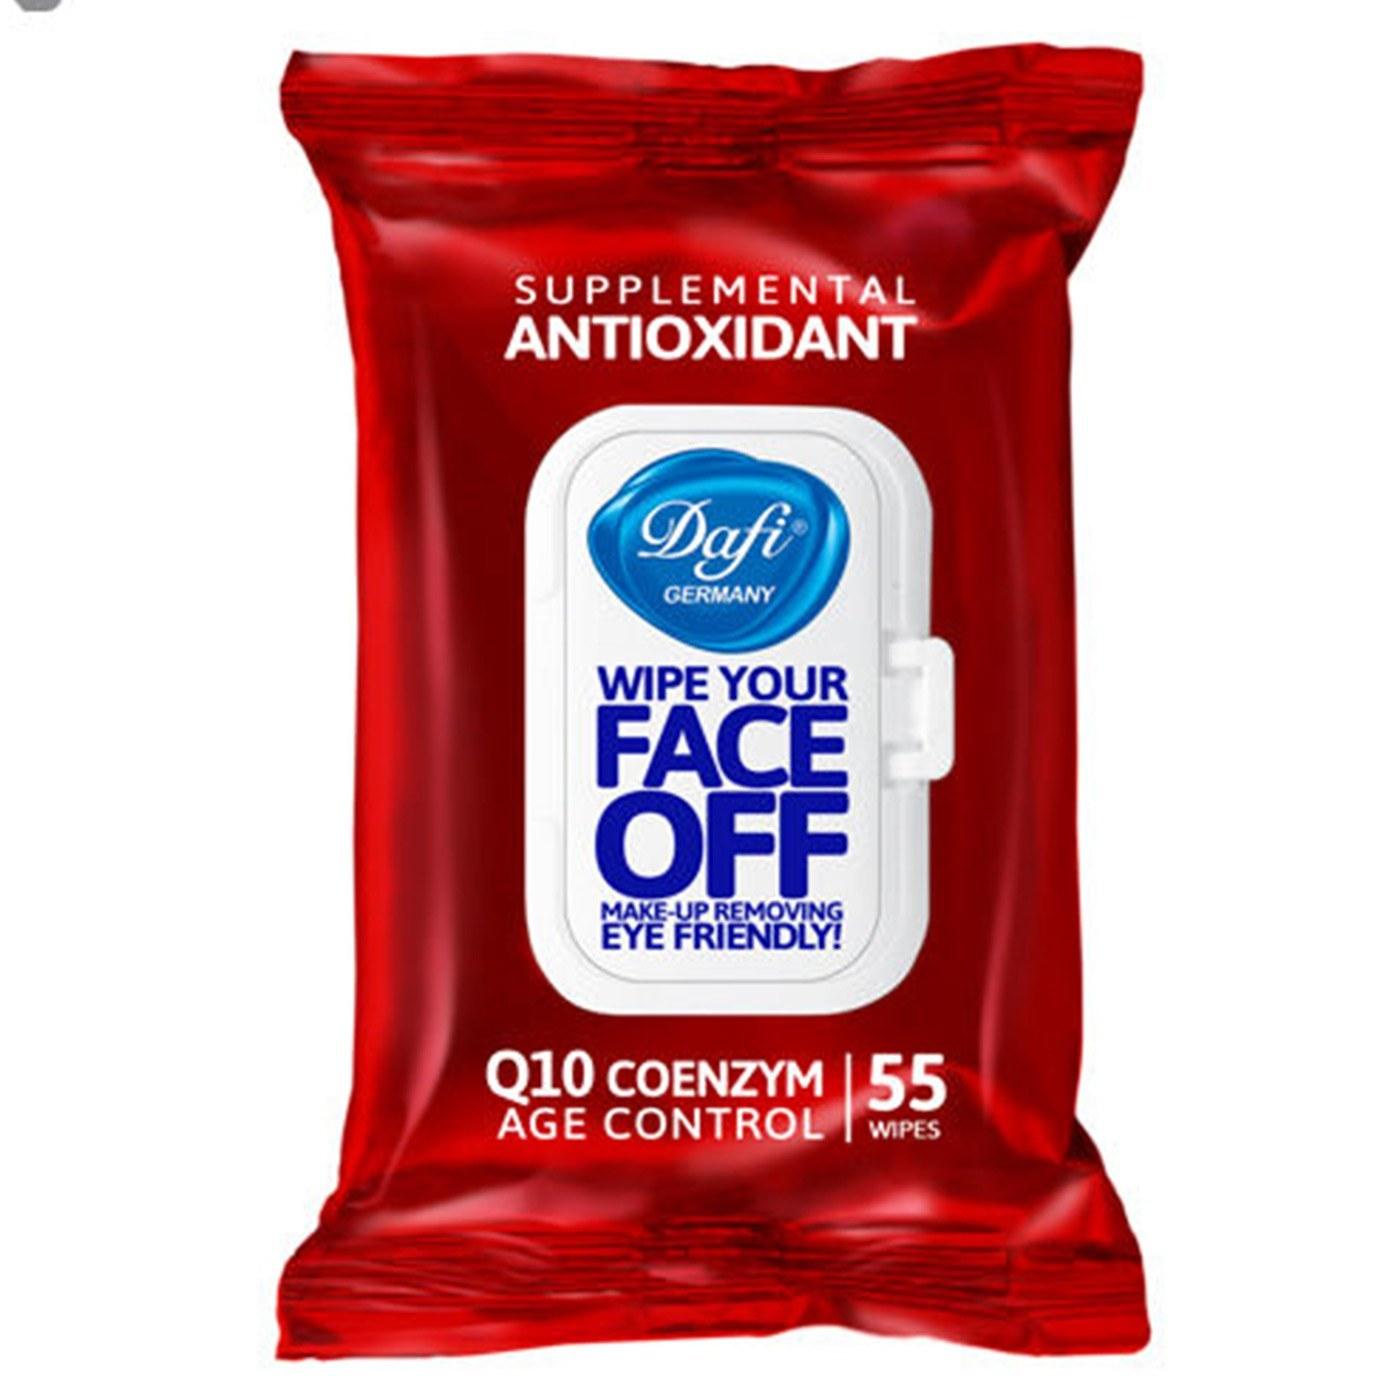 تصویر دستمال پاک کننده آرایش آنتی اکسیدان 55عددی دافی ا ���������� ����������